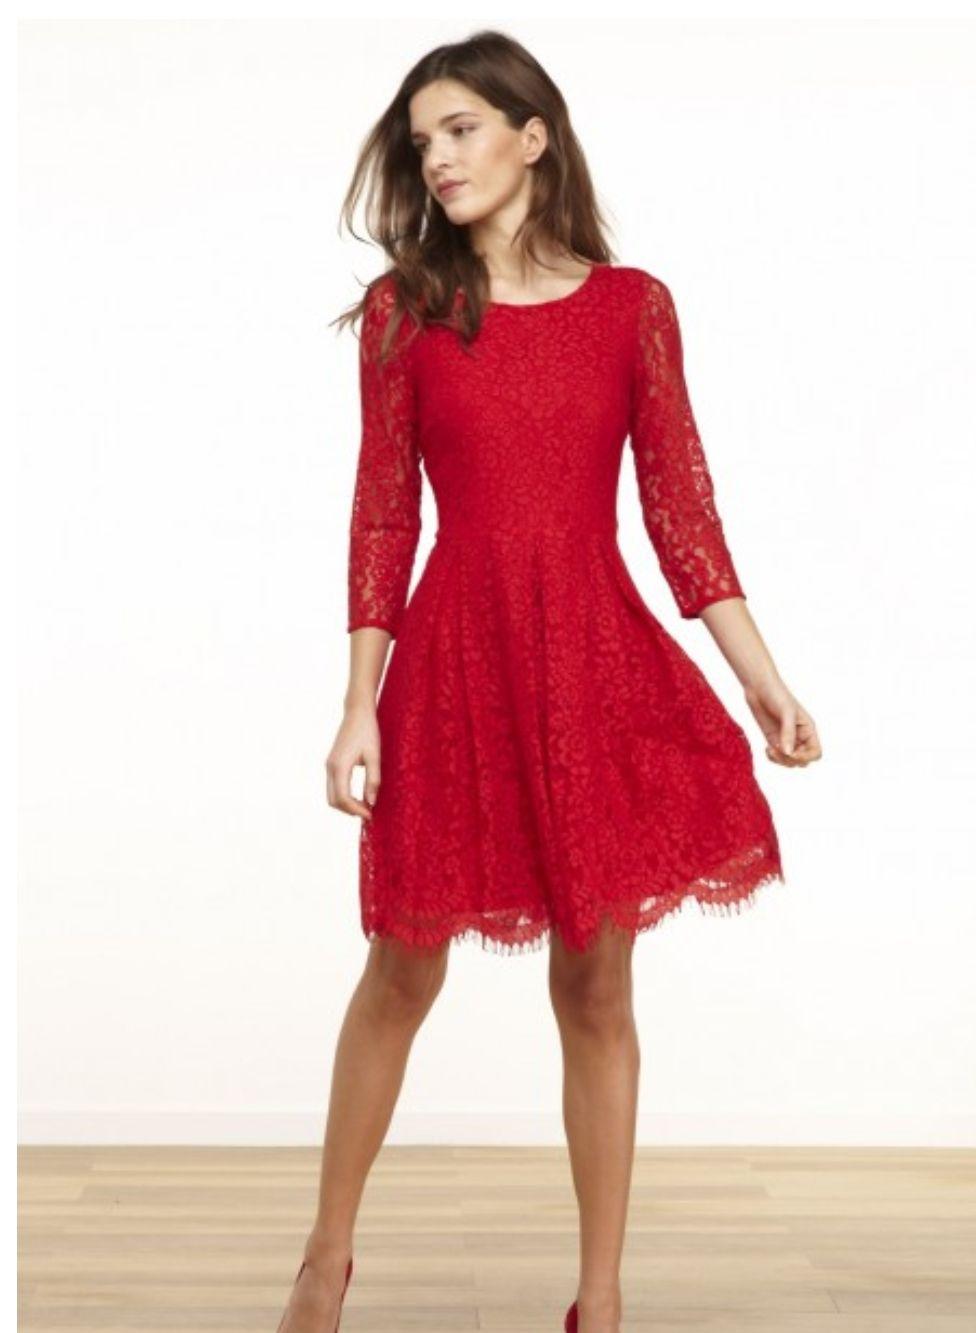 Sélection de robes de la collection Automne / Hiver 2017 à 49.99€ chez Nafnaf Ex: Robe en dentelle rouge, taille 36/38/40